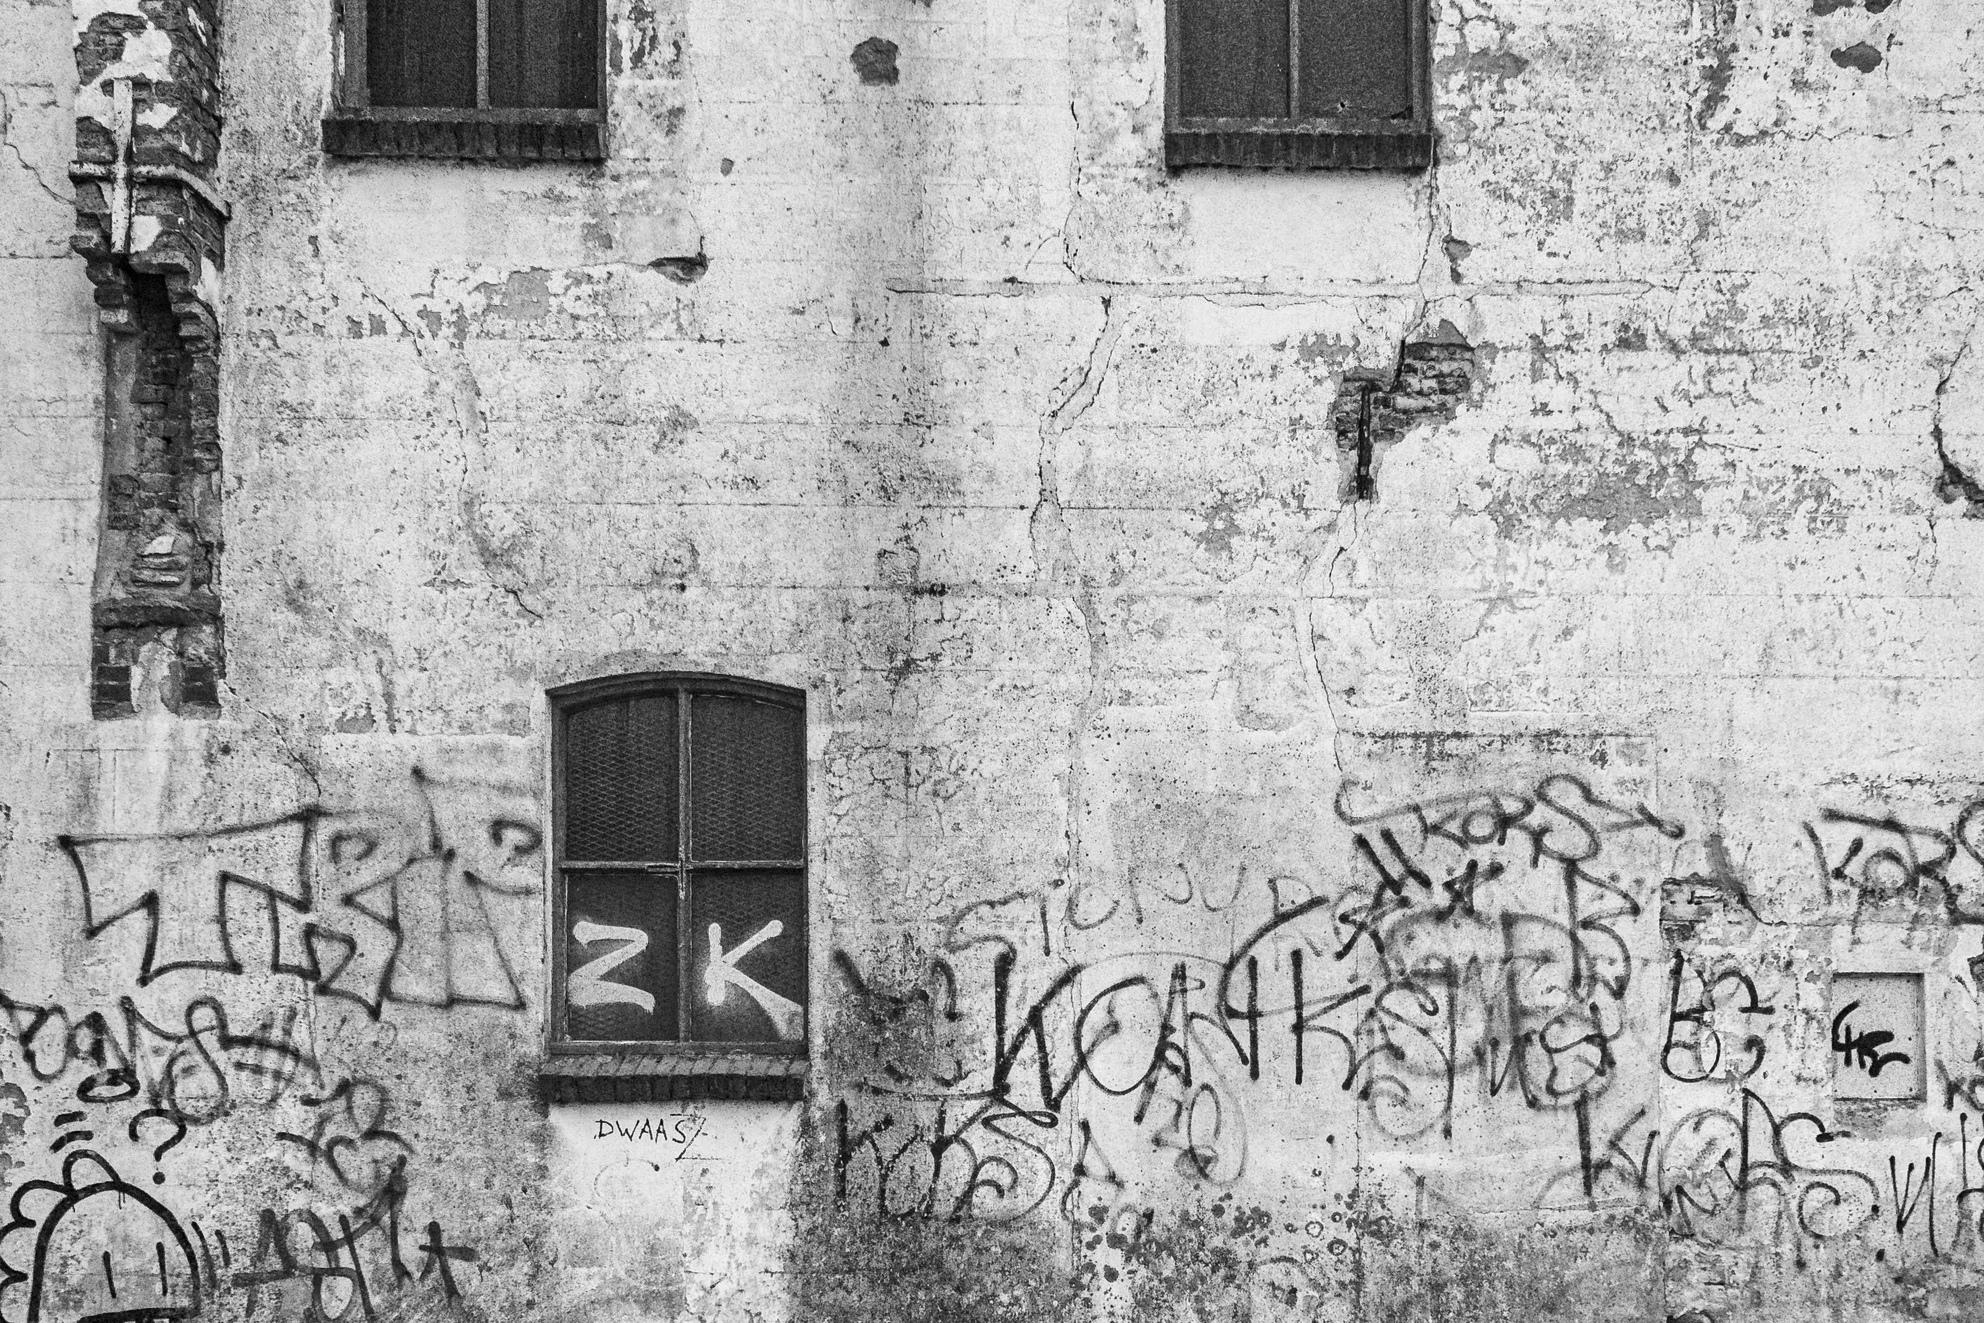 Back in Black - verval - foto door carbone op 07-04-2021 - locatie: Dordrecht, Nederland - deze foto bevat: gebouw, venster, fabriek, steen, zwart en wit, handschrift, architectuur, lettertype, stijl, metselwerk